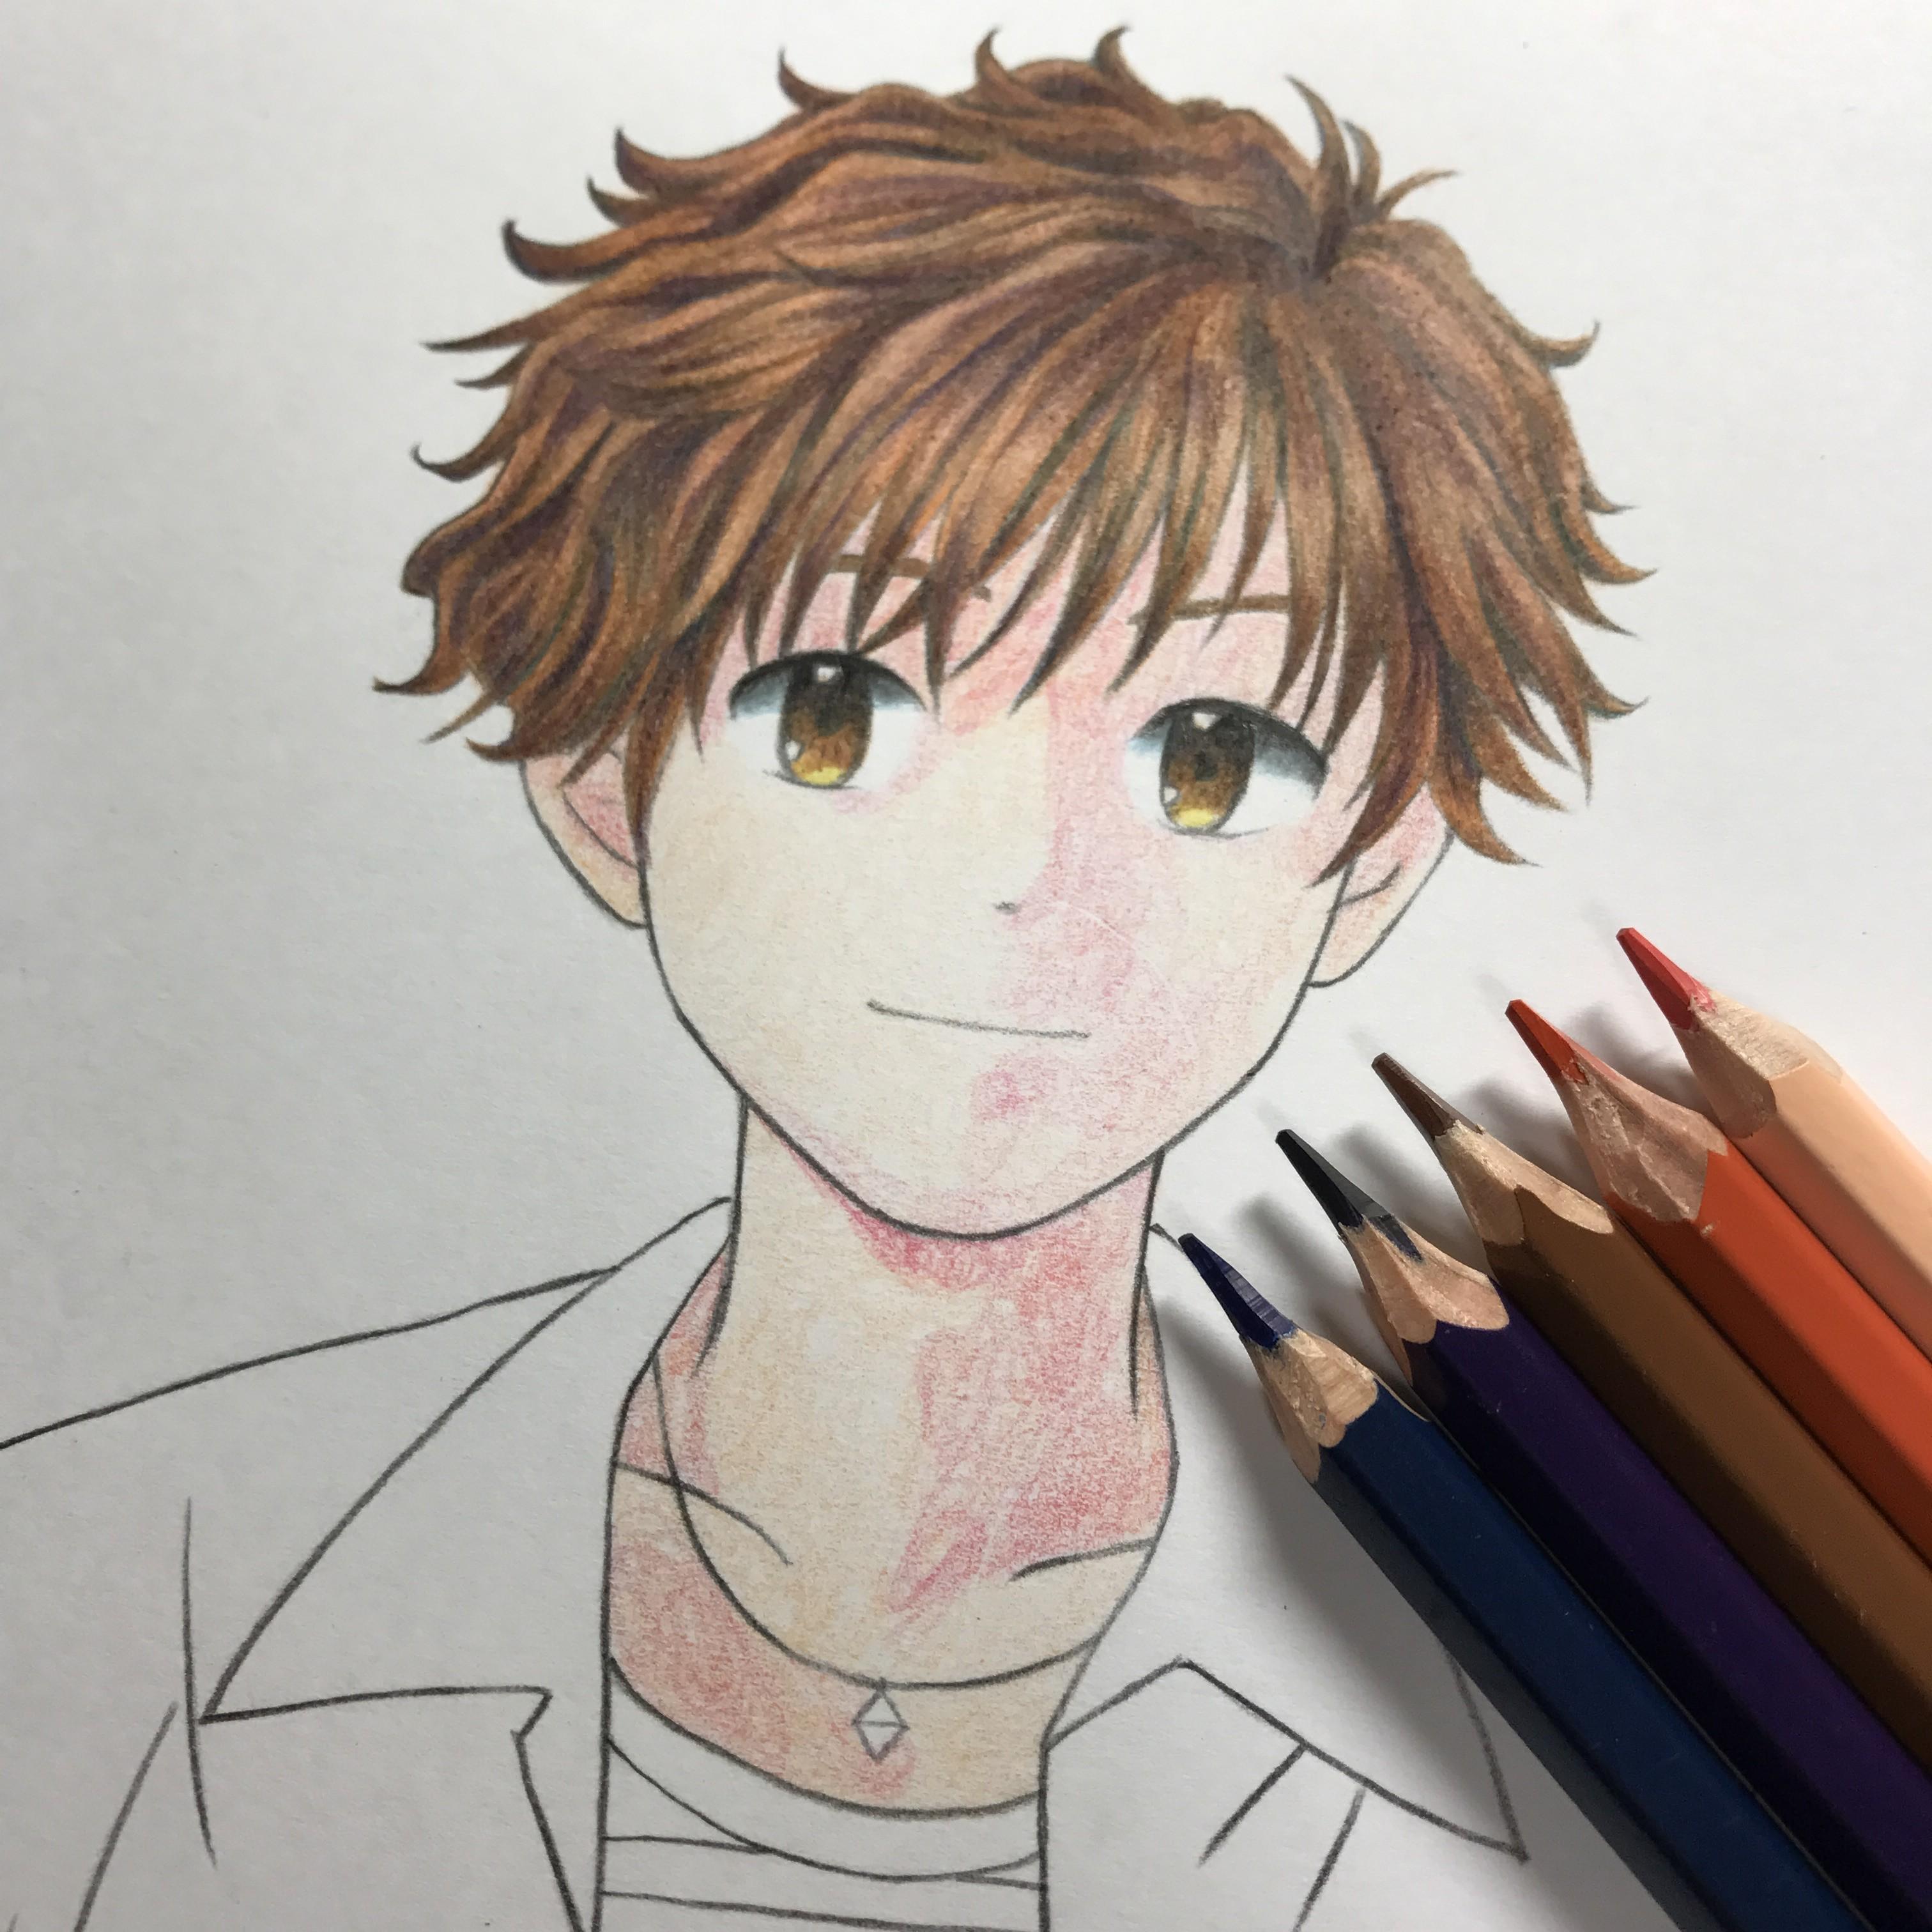 メイキング 色鉛筆で髪の毛 茶髪 を塗るの巻 休日は色鉛筆